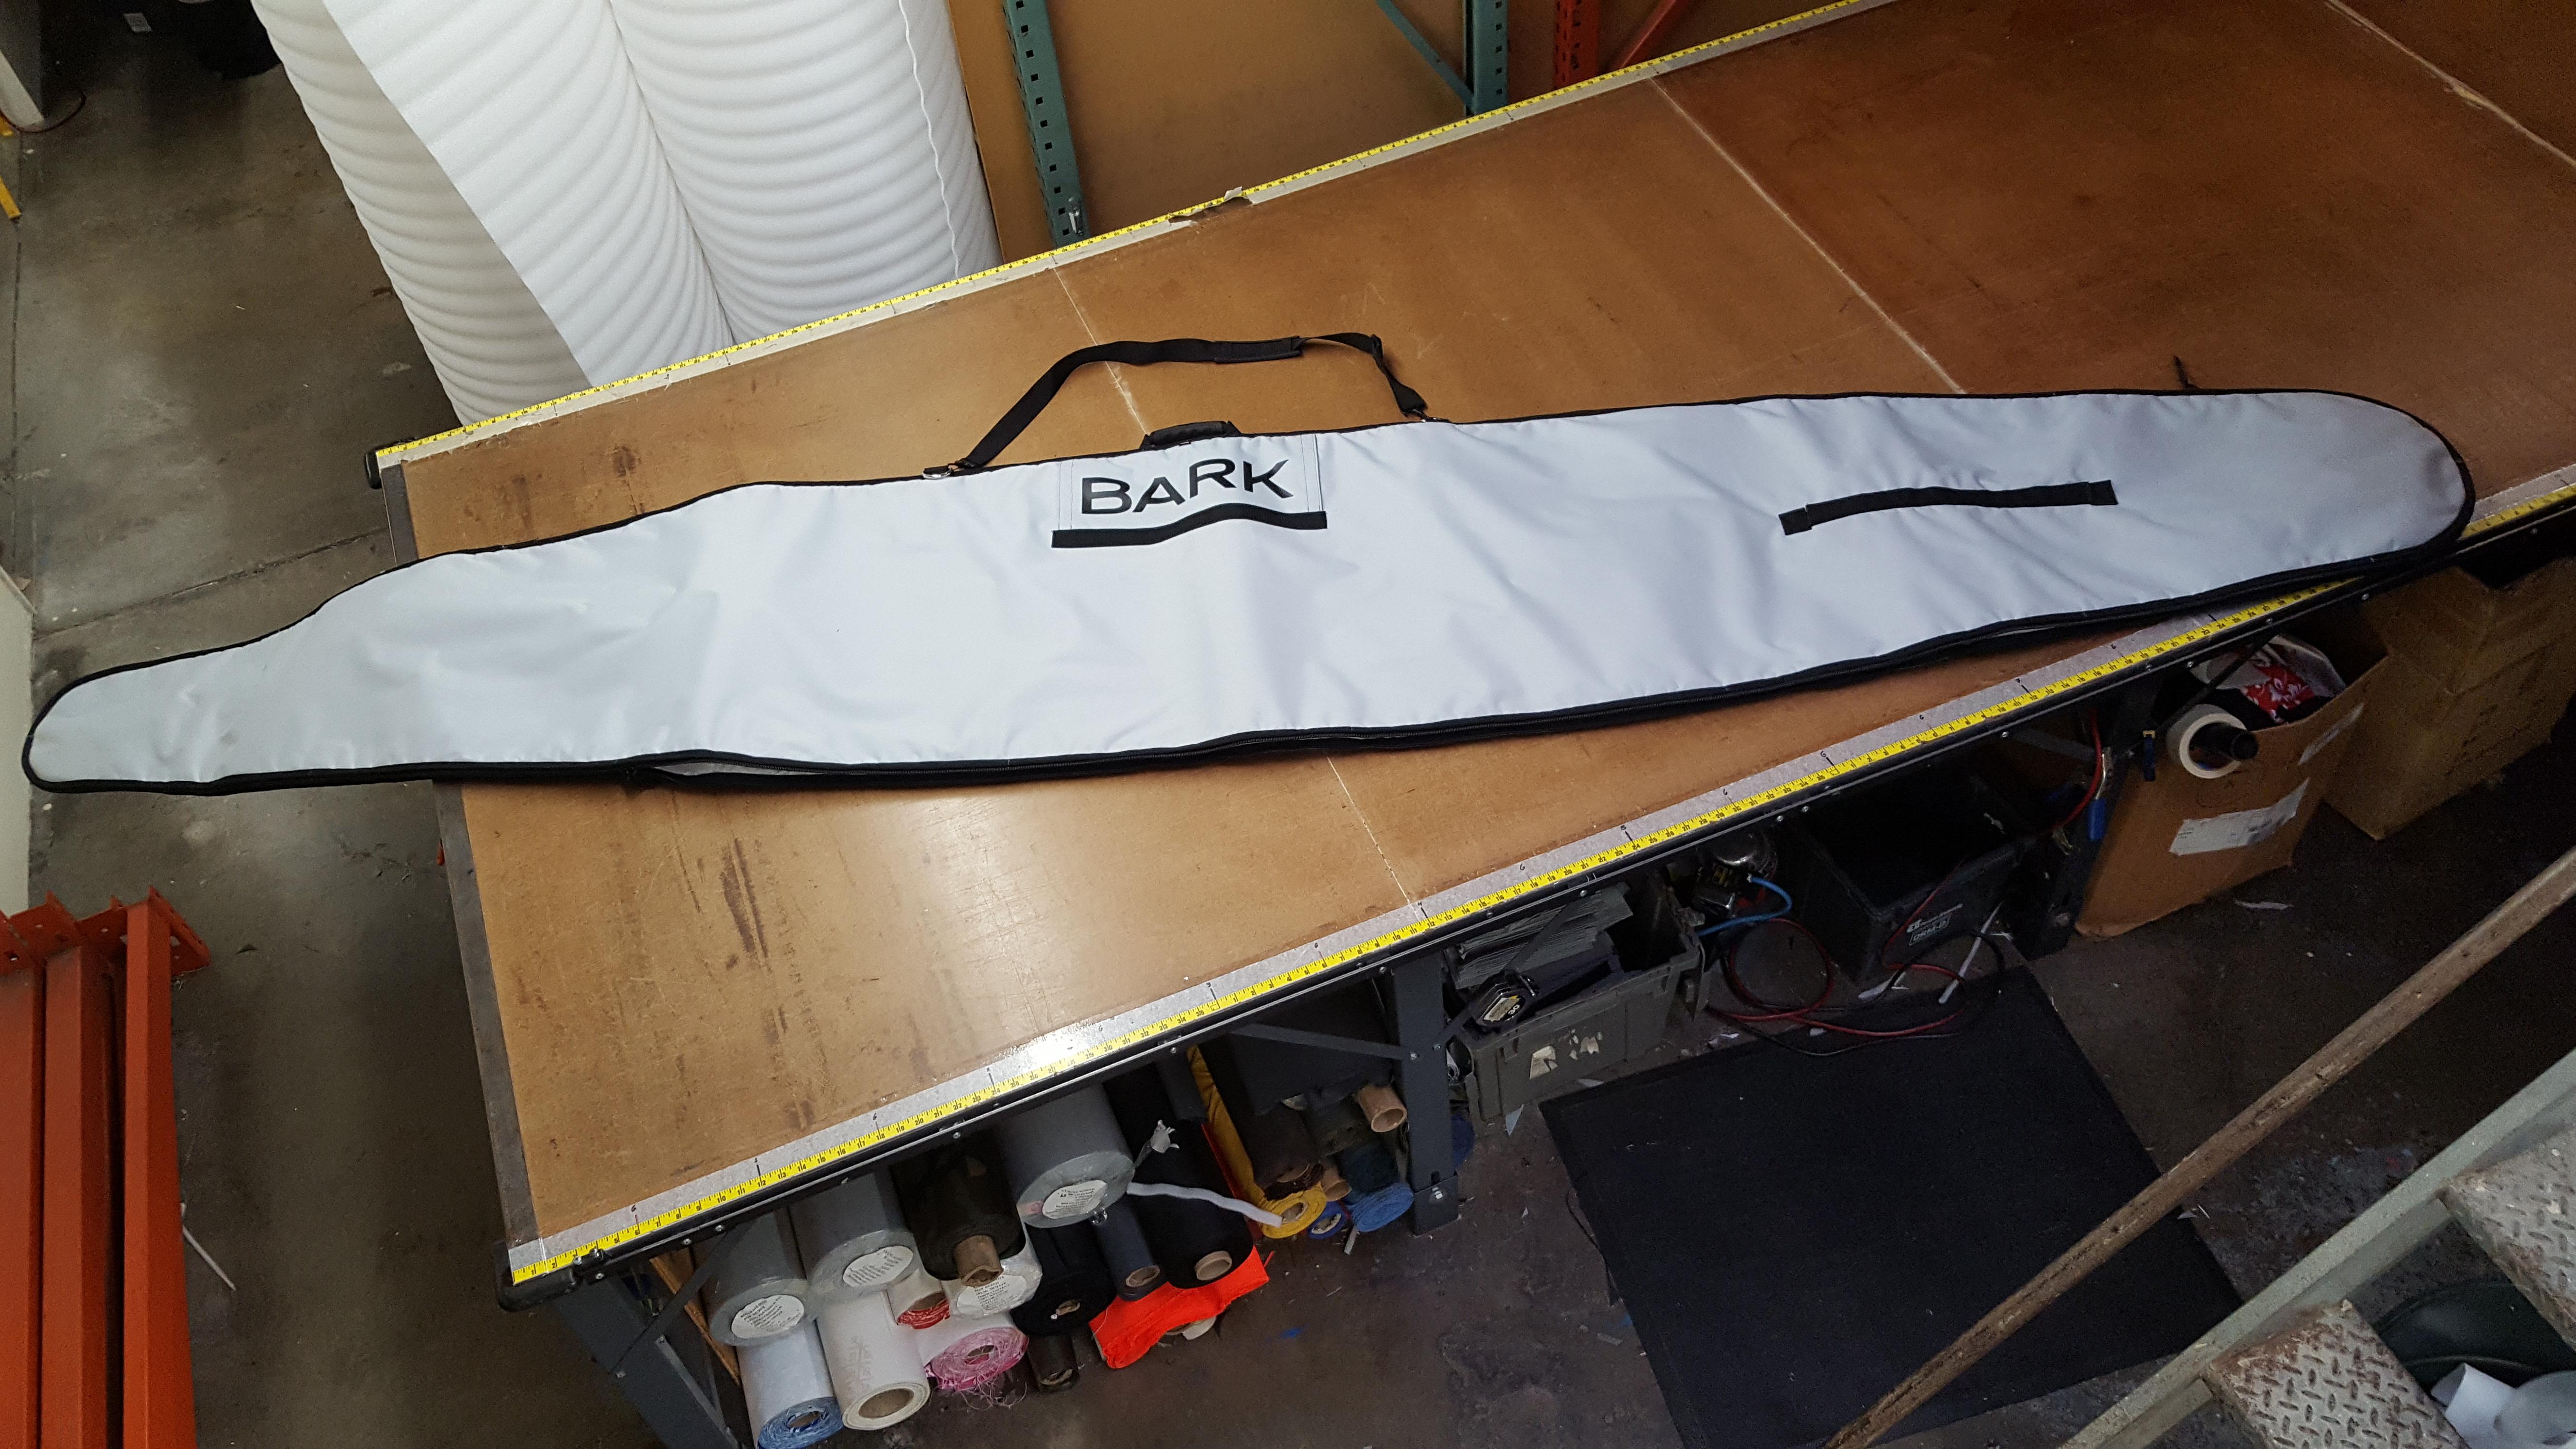 Bark Commander E Paddleboard Bag